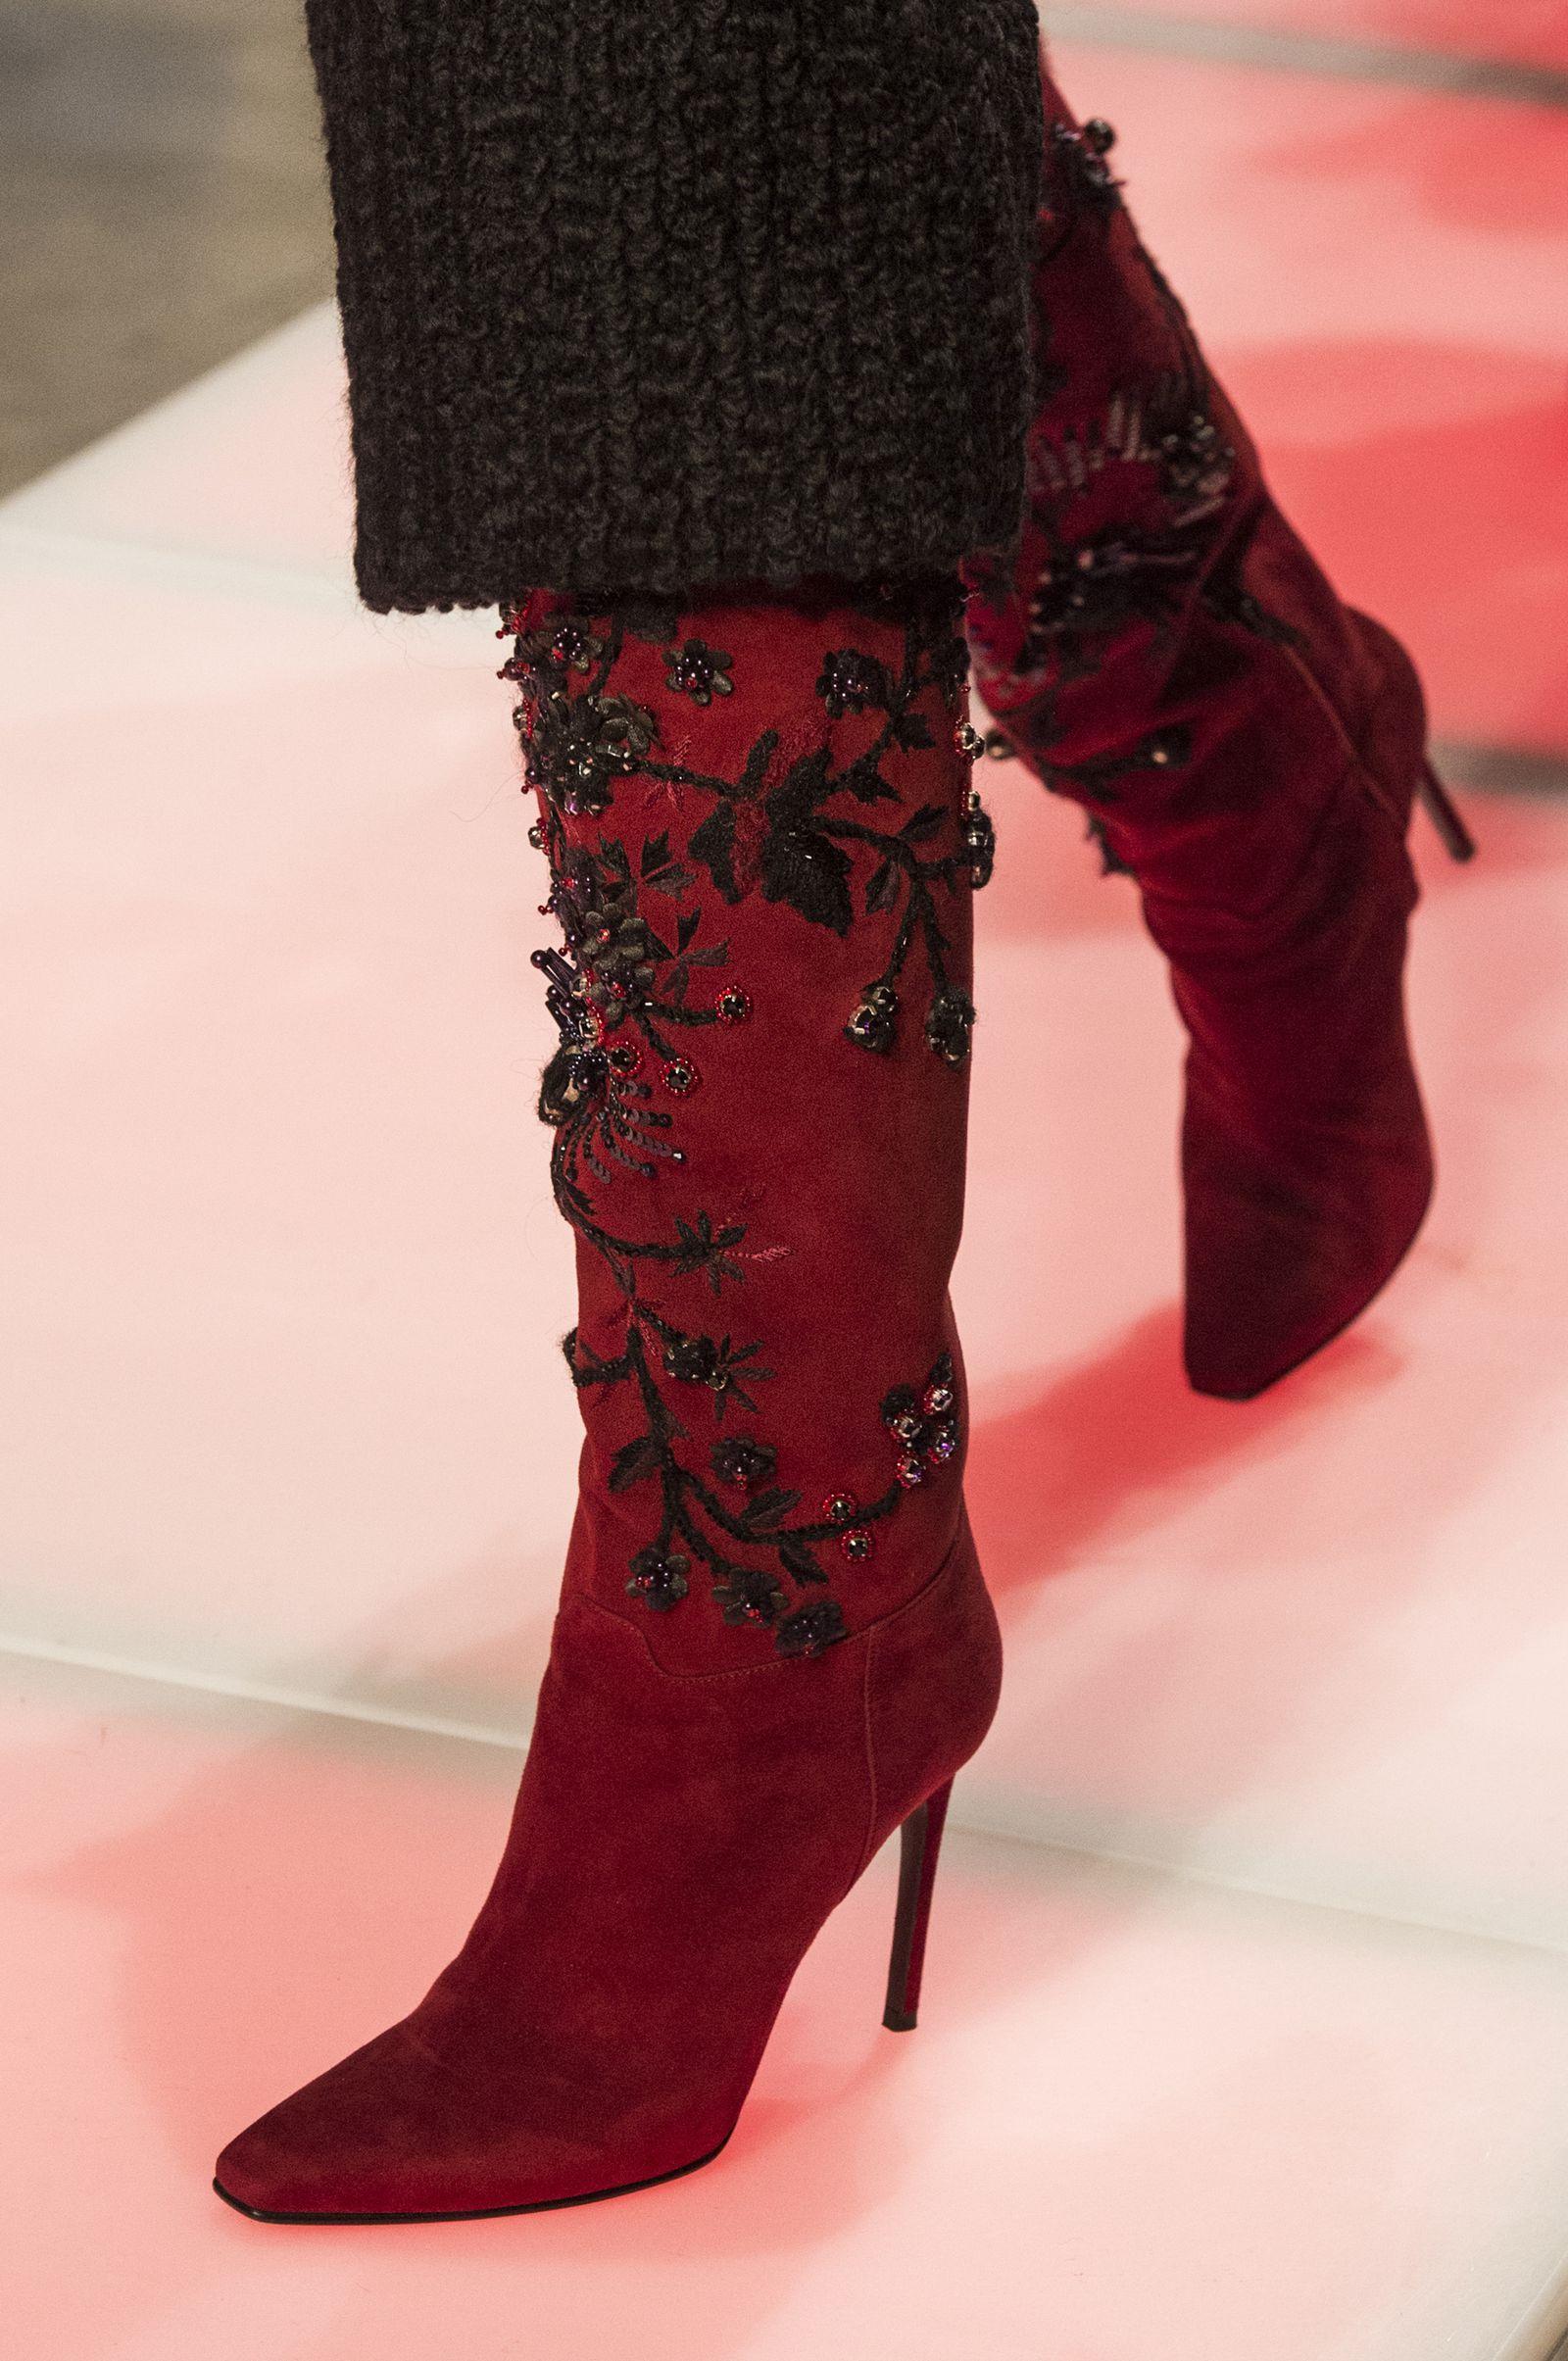 f98891a39c1c7 Le scarpe di moda per l Autunno Inverno 2018 2019 viste alle sfilate sono i  modelli che vorremmo avere  SUBITOelleitalia Les Copains Autunno Inverno  2018 ...